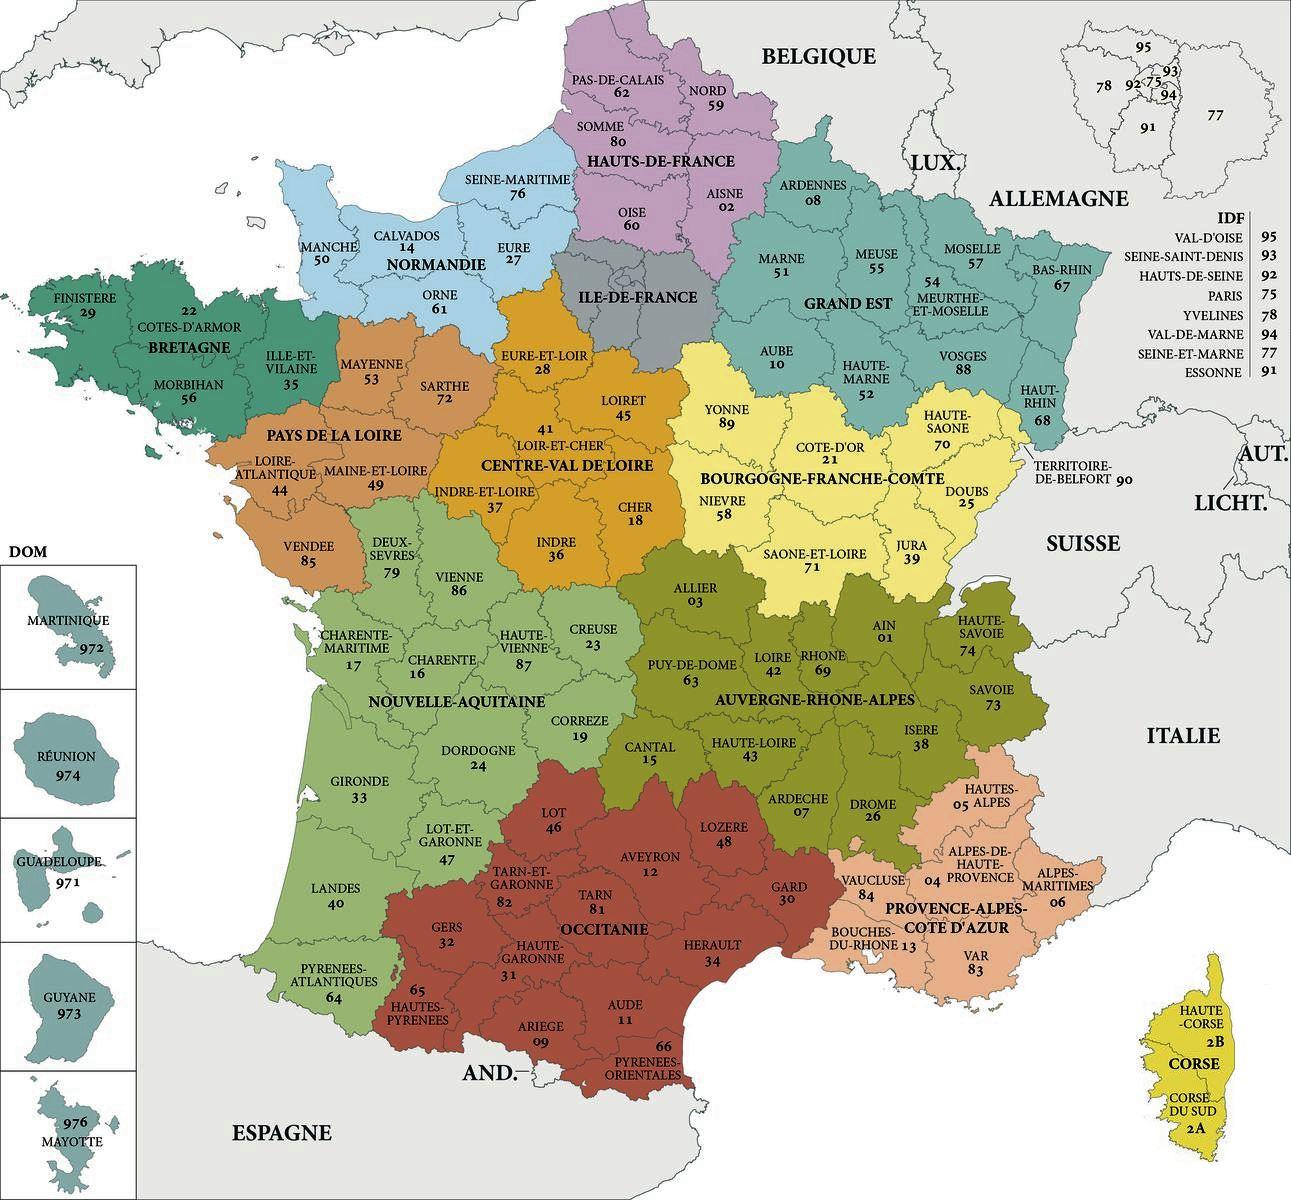 Carte De France Departements : Carte Des Départements De France intérieur Imprimer Une Carte De France